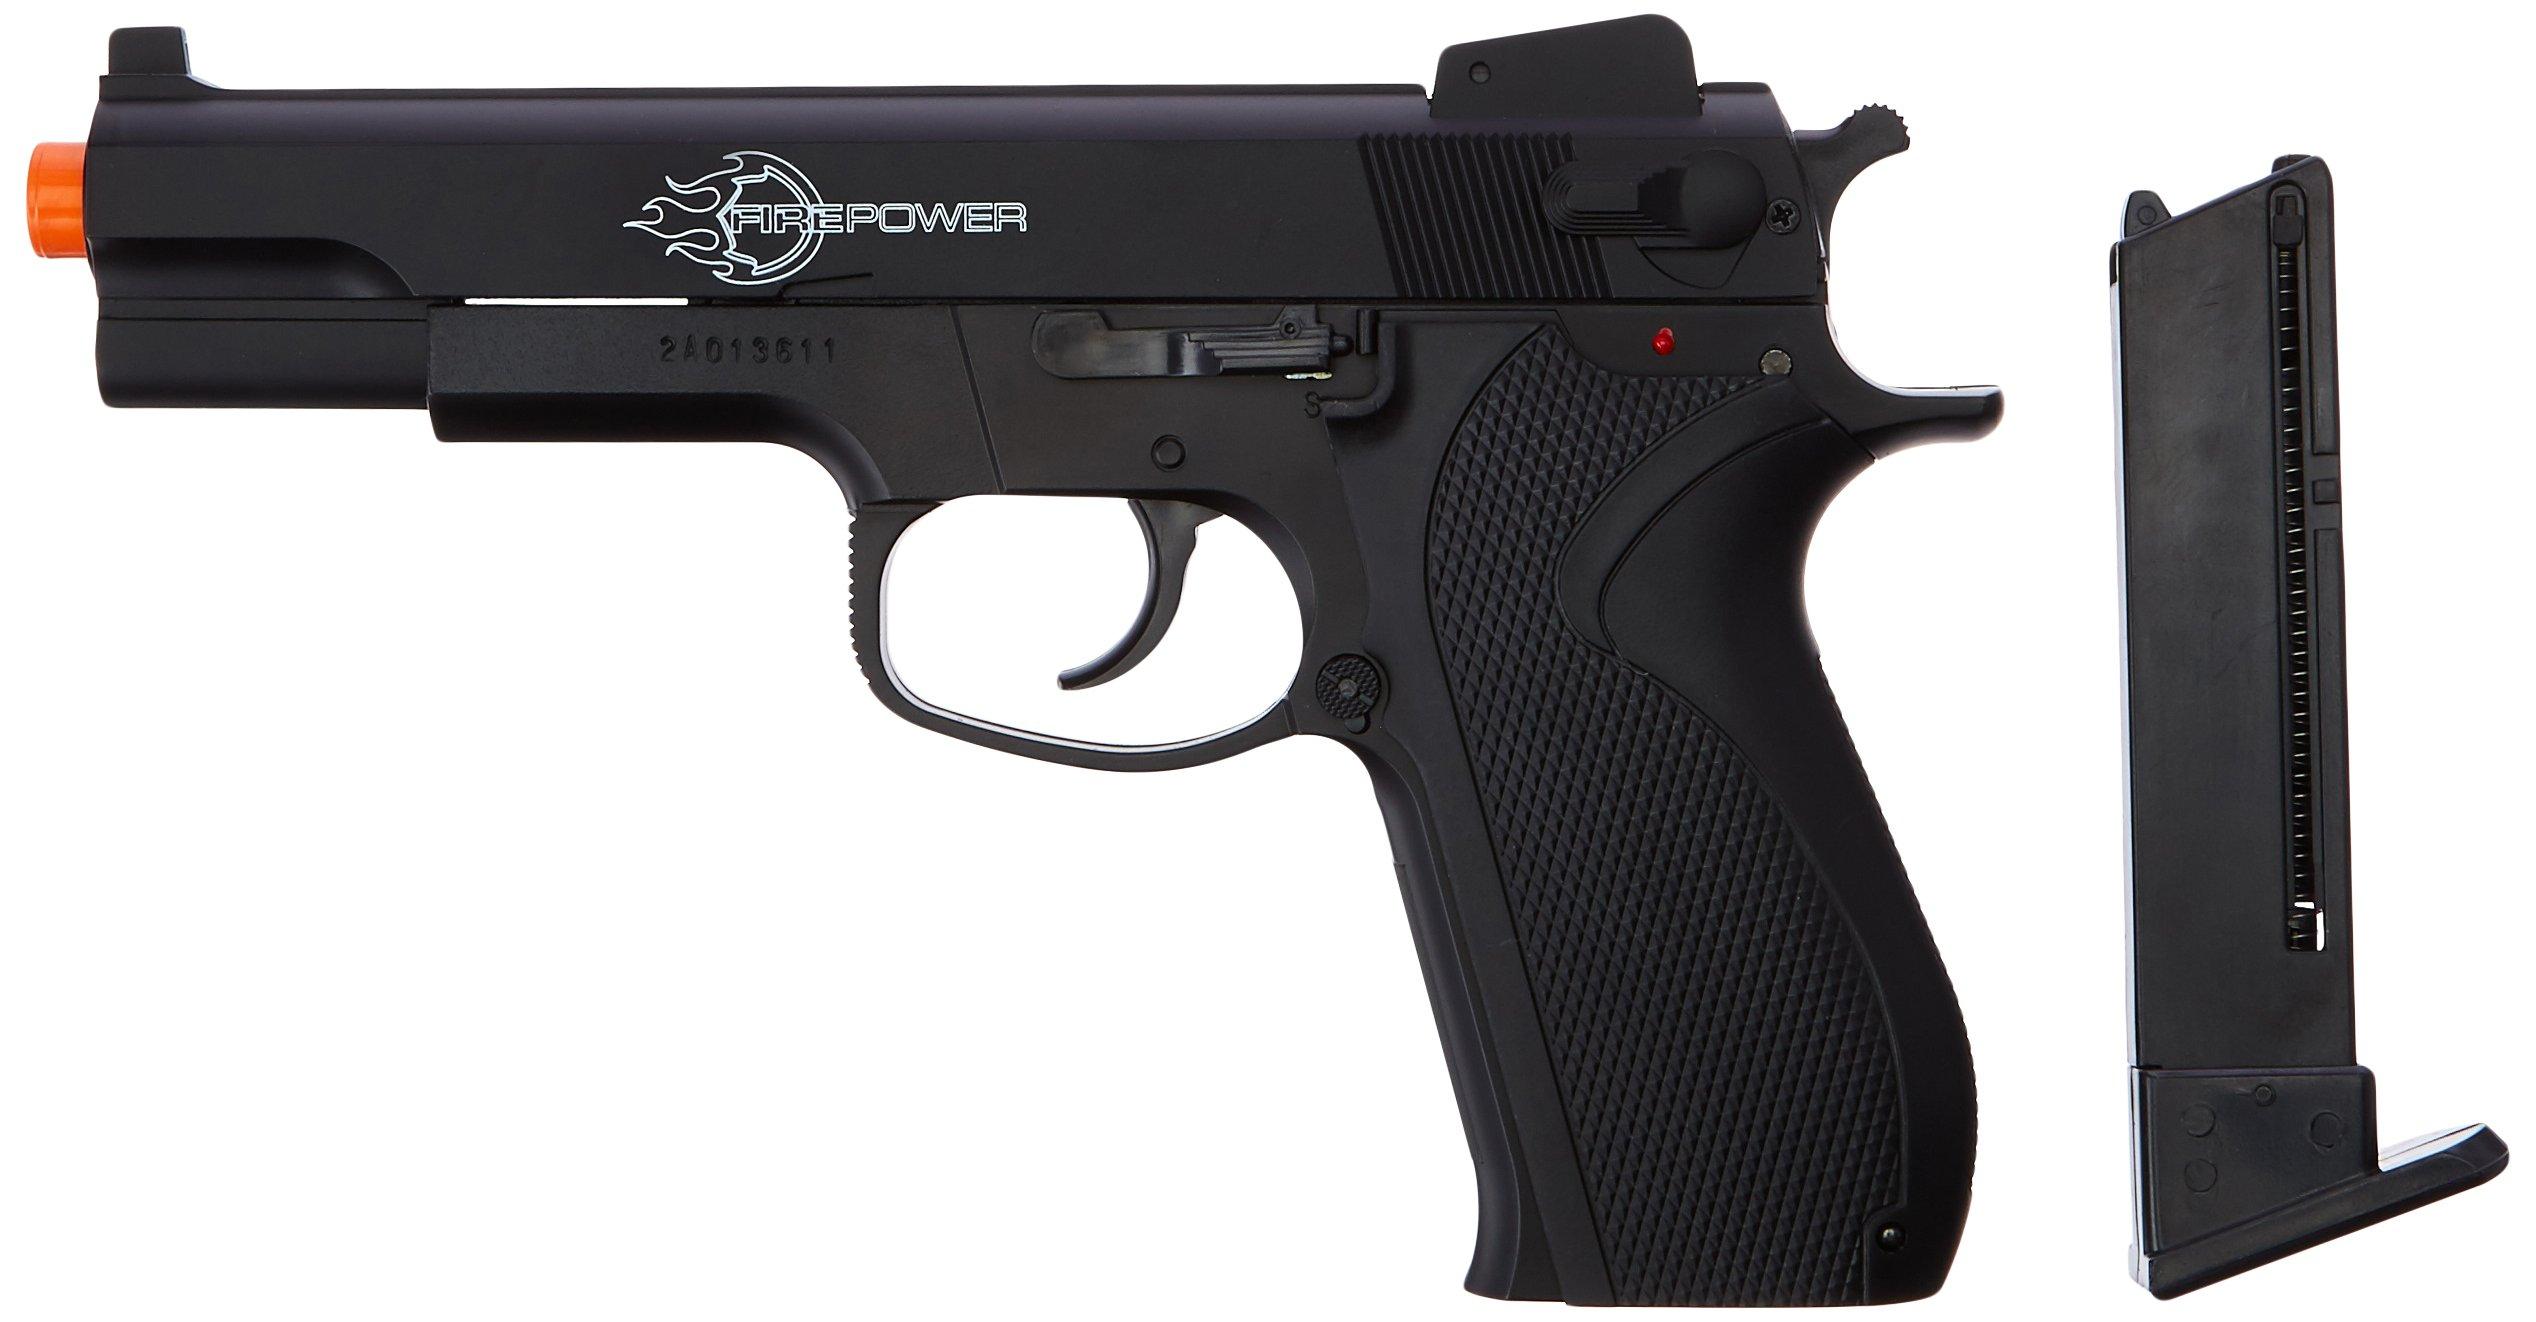 Firepower Metal Slide Airsoft Pistol